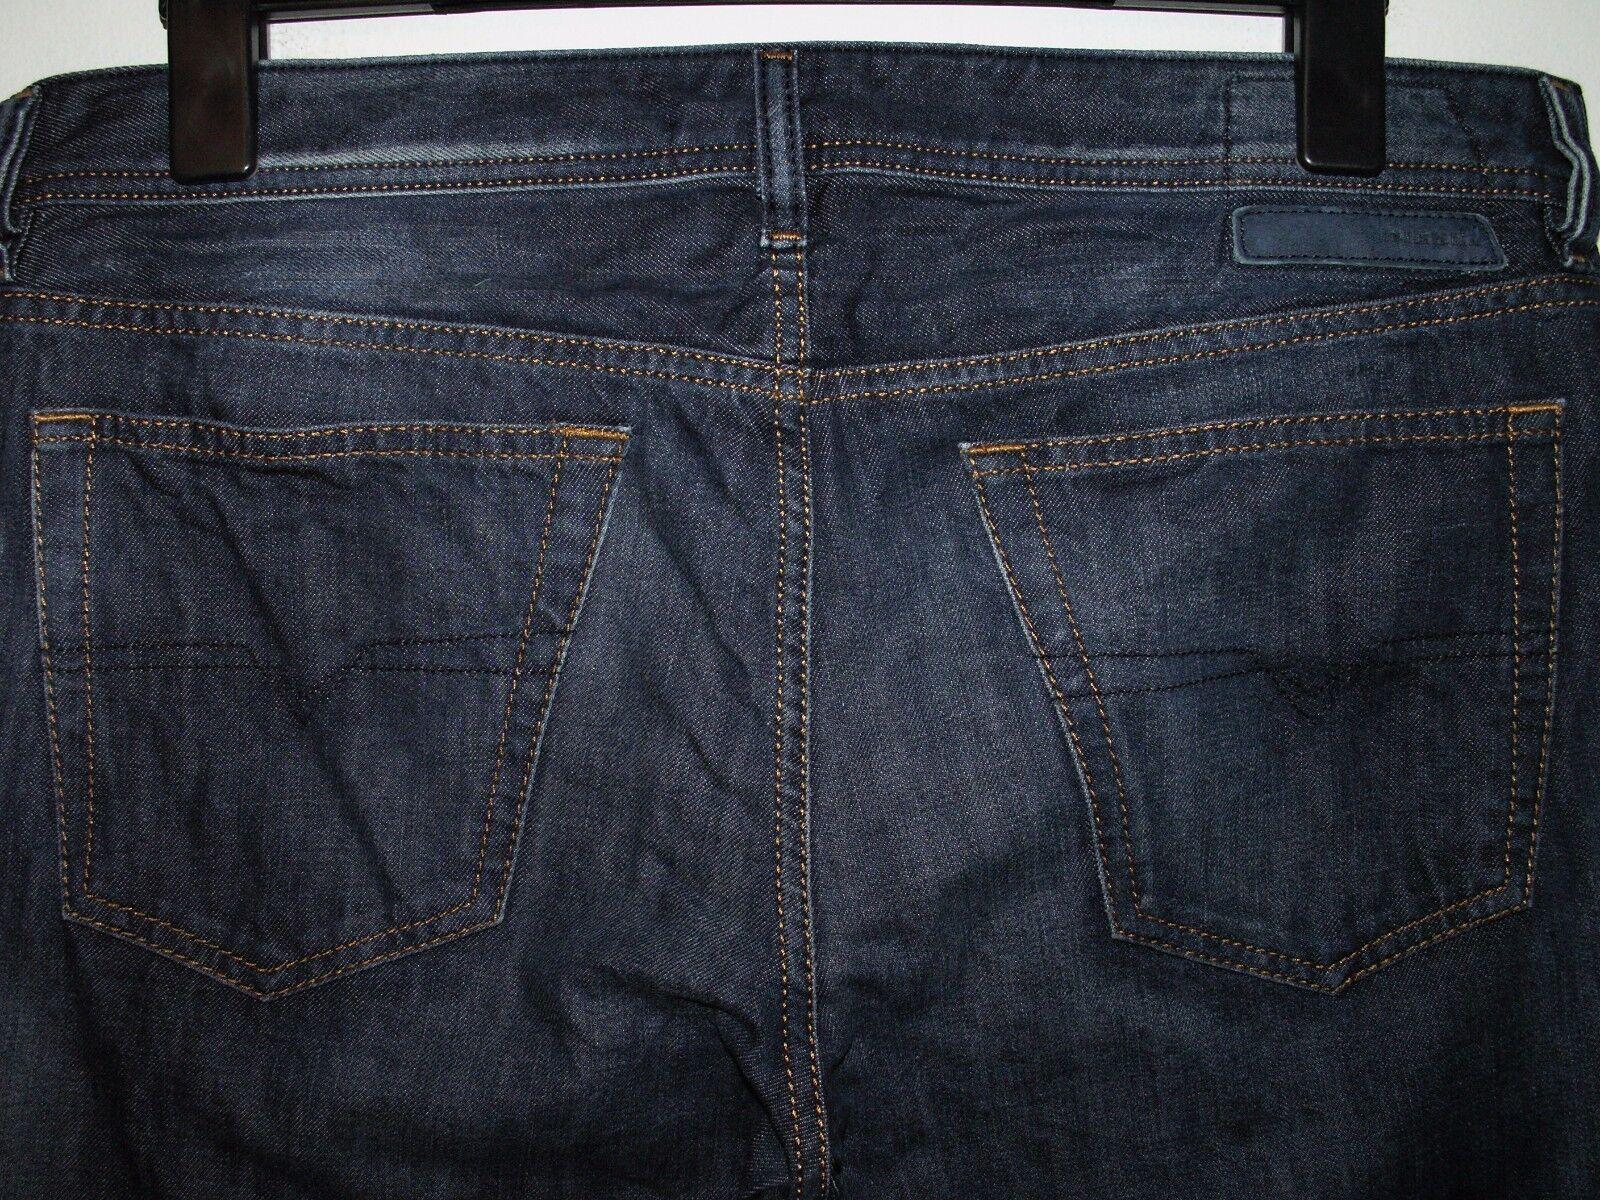 Diesel new-fanker regular slim-Stiefelcut jeans wash 0817F W34 L30 (a2834)  | Attraktive Mode  | Realistisch  | Adoptieren